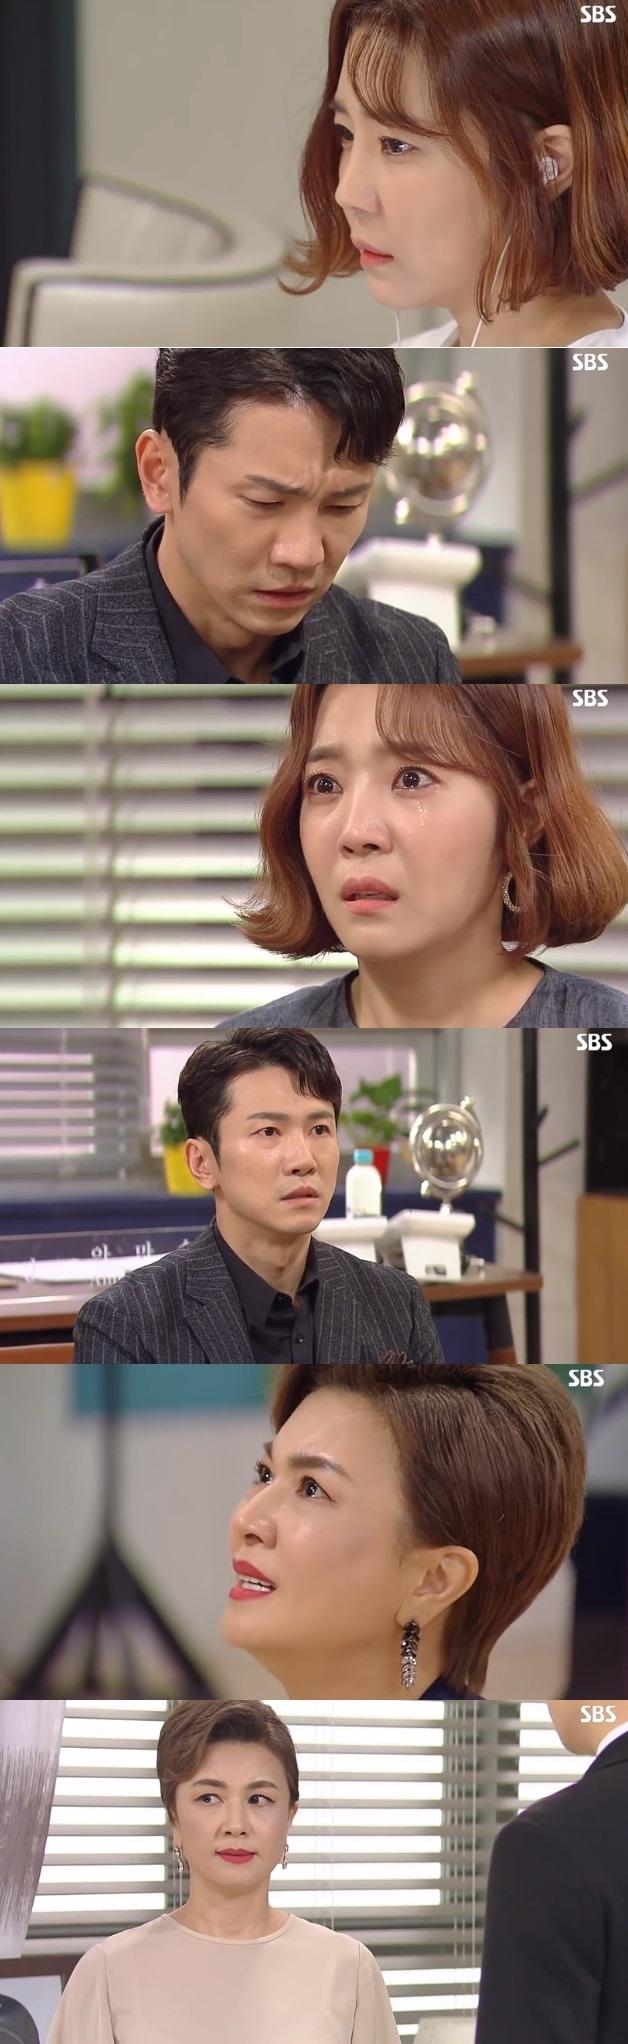 SBS '수상한 장모' 캡처